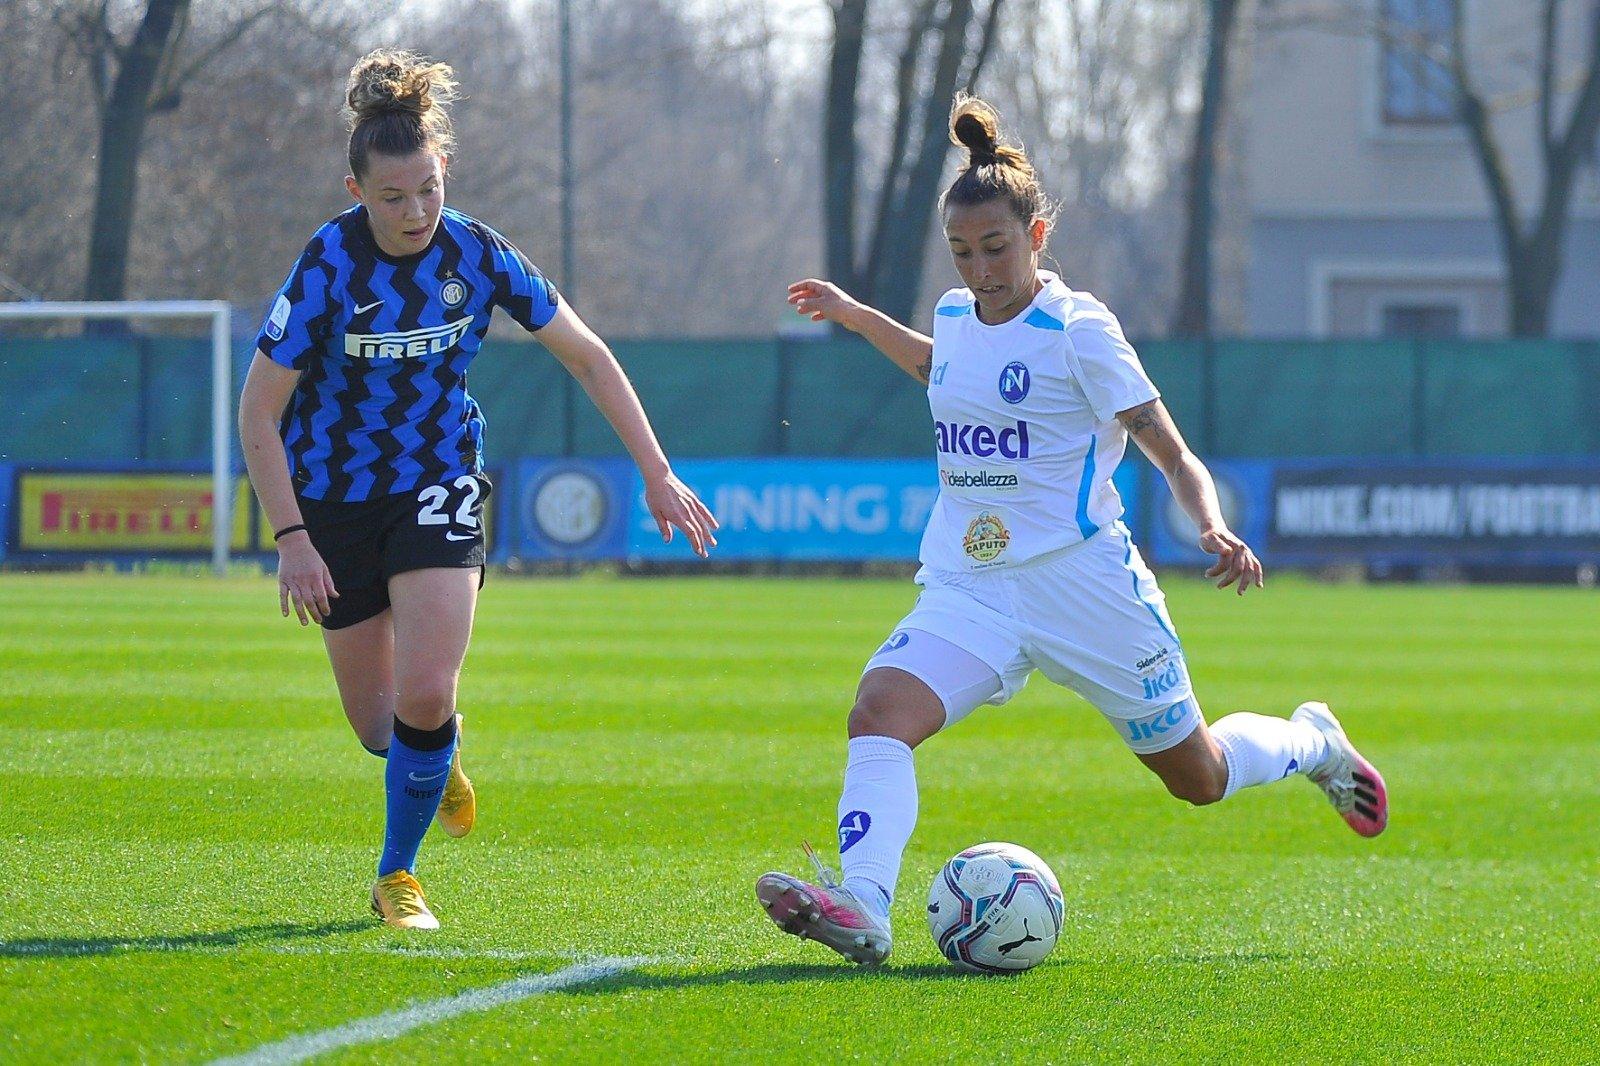 Buon pareggio per il Napoli in casa dell'Inter, con le azzurre che così mantengono inalterato il distacco dal San Marino.